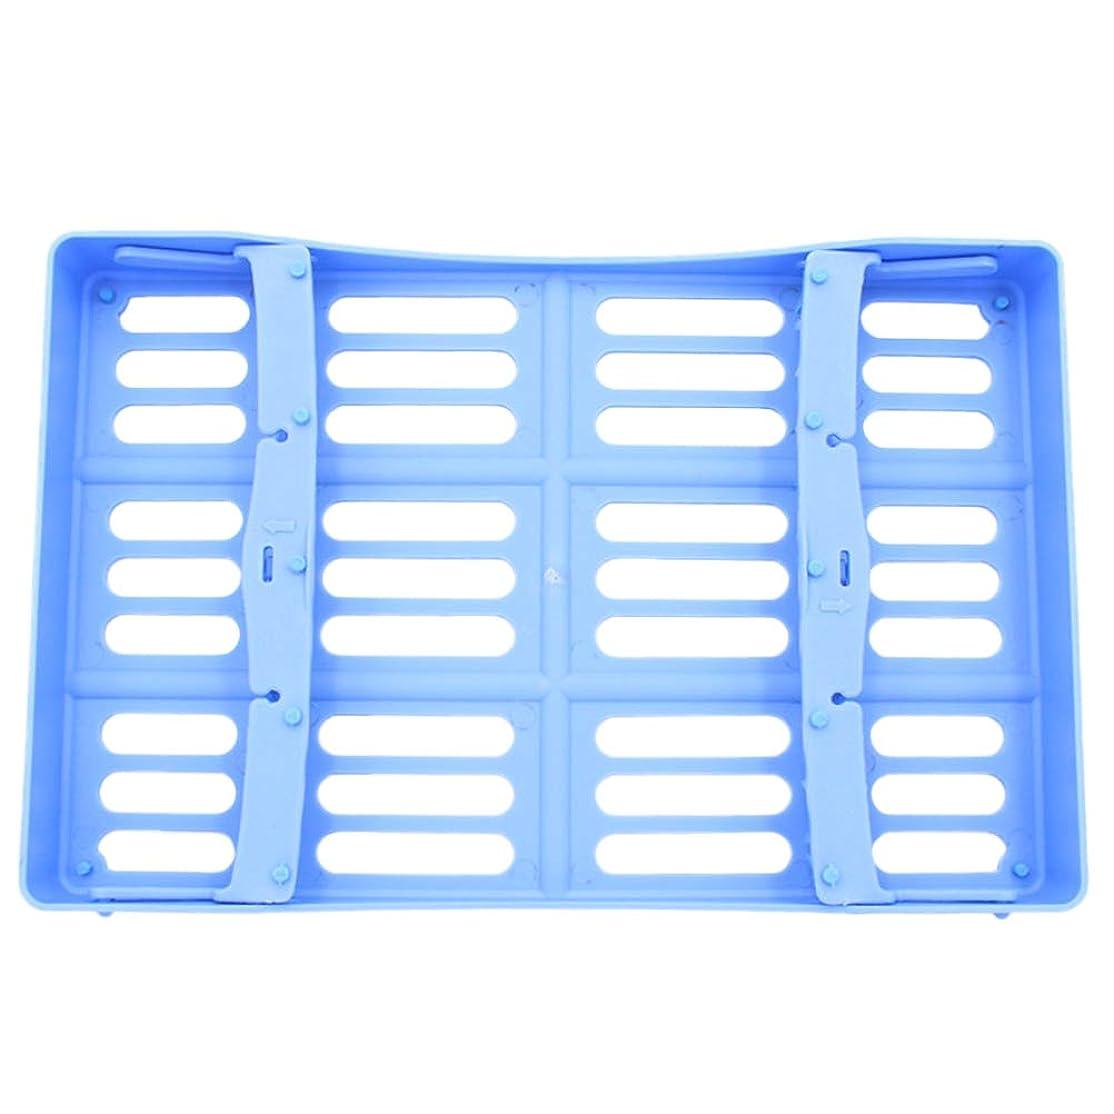 お手入れ麺スラッシュHEALLILY 歯科用手術器具用プラスチック製消毒トレイ10個用ツール収納(ブルー)